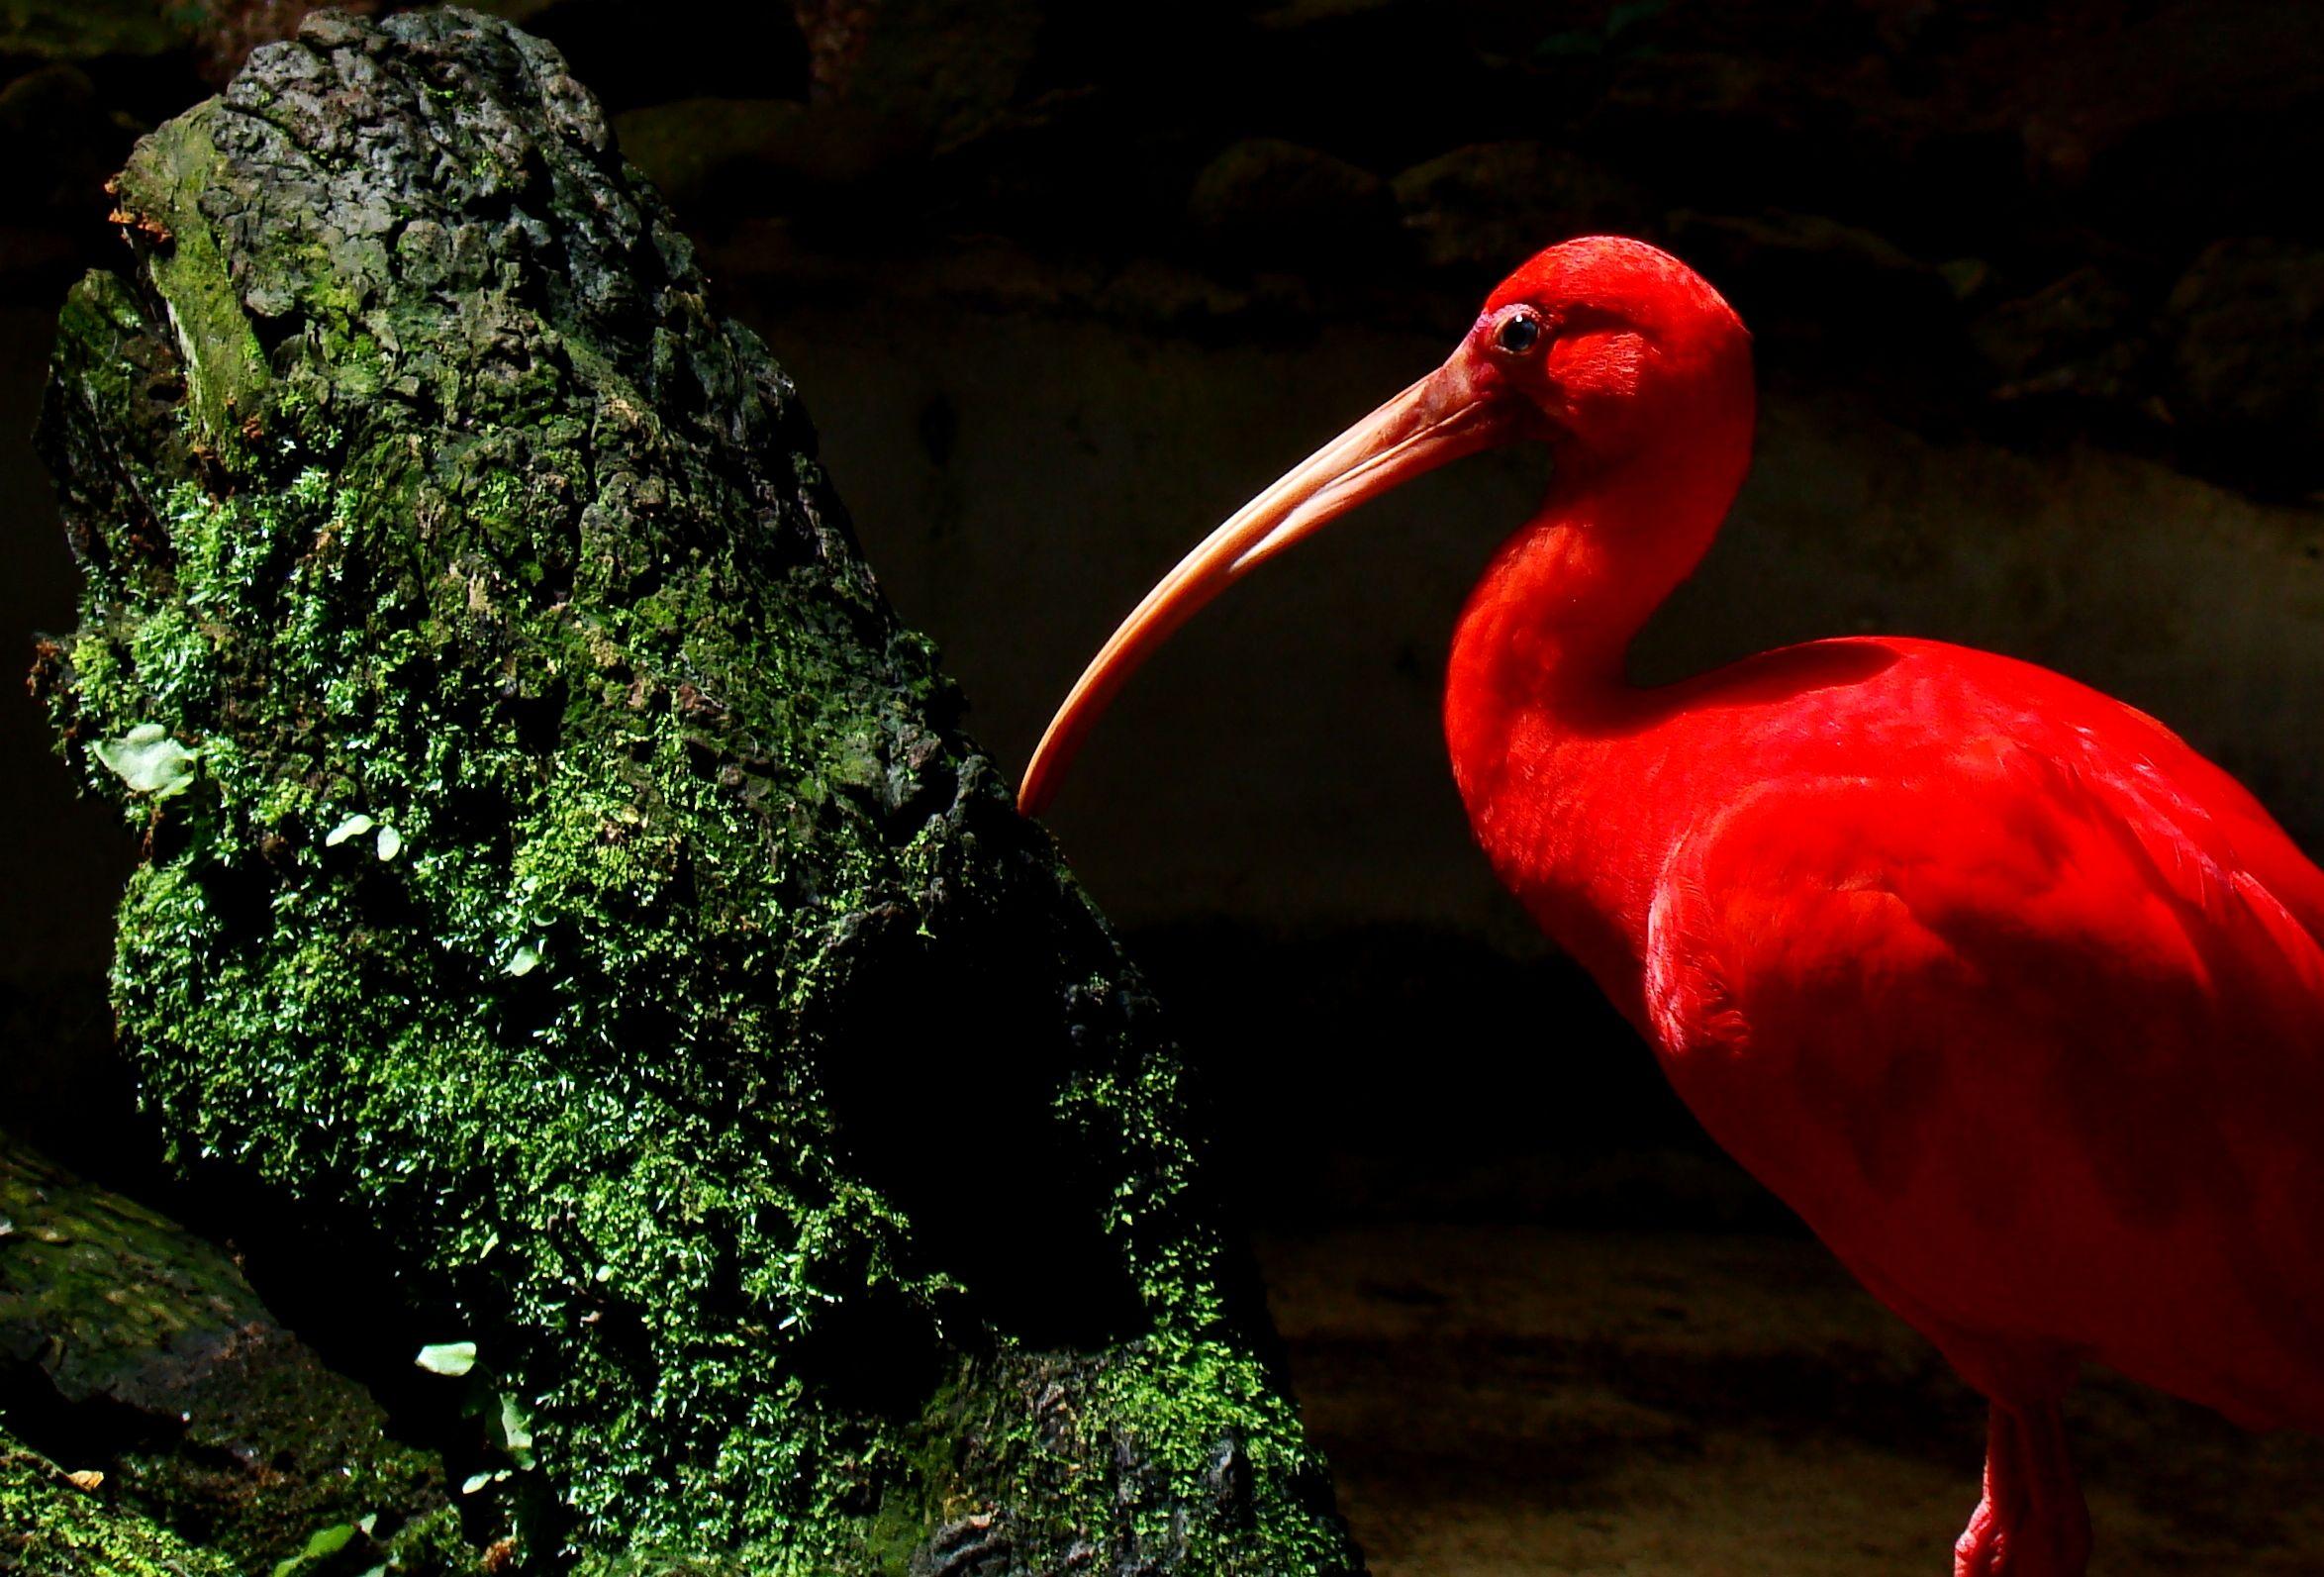 Scarlet ibis analysis